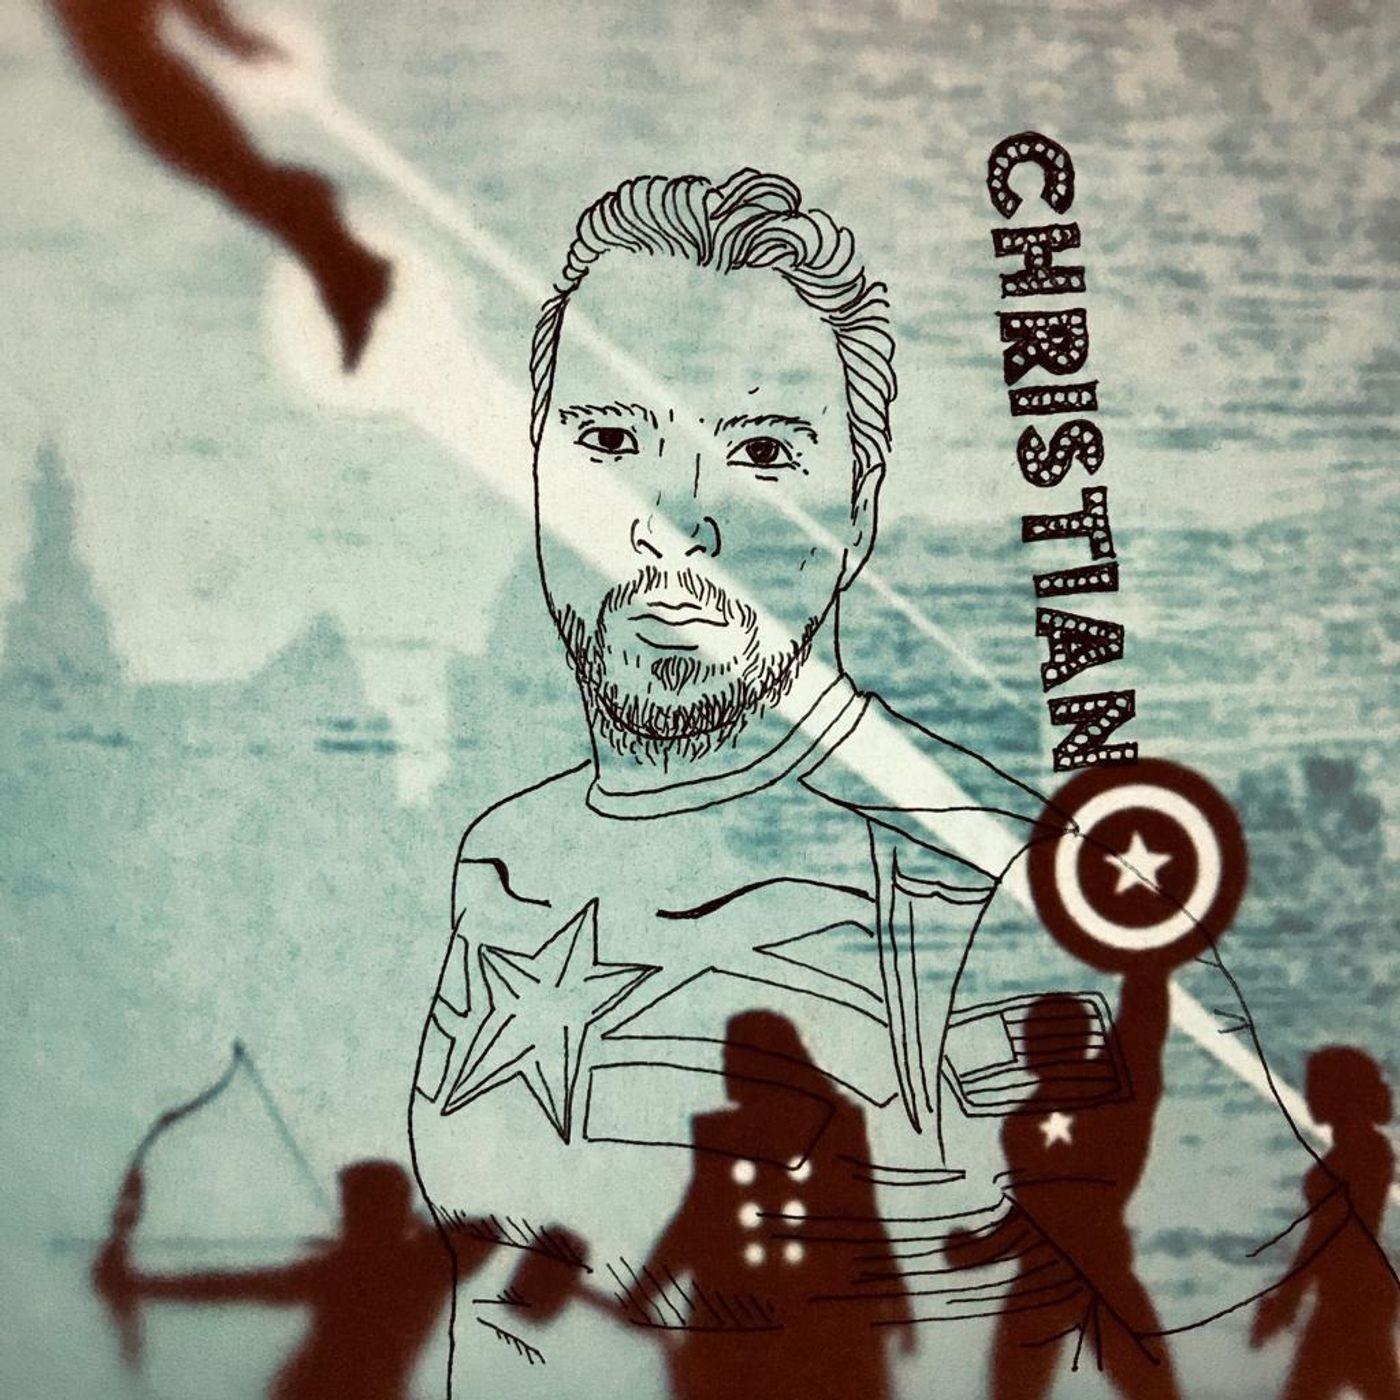 Marvel Cinematic Universe - Christian Bader